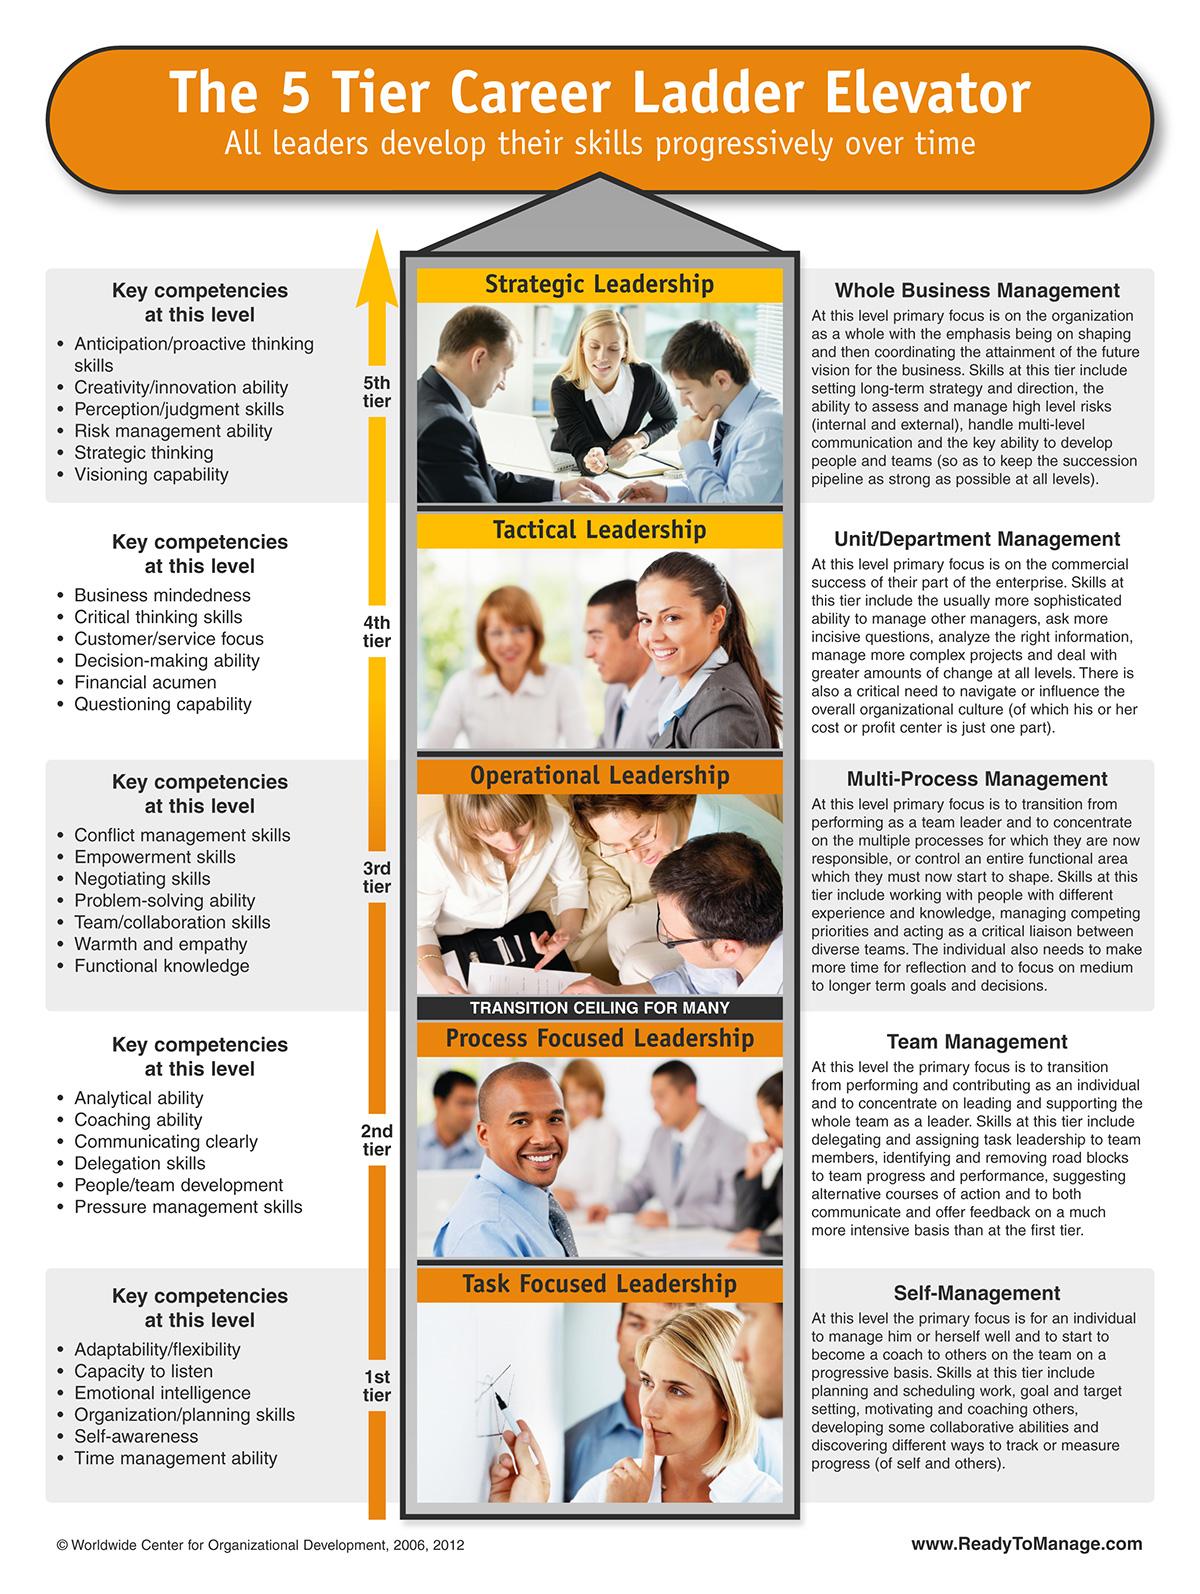 5 Tier Career Ladder Elevator: Leadership Pipeline Model